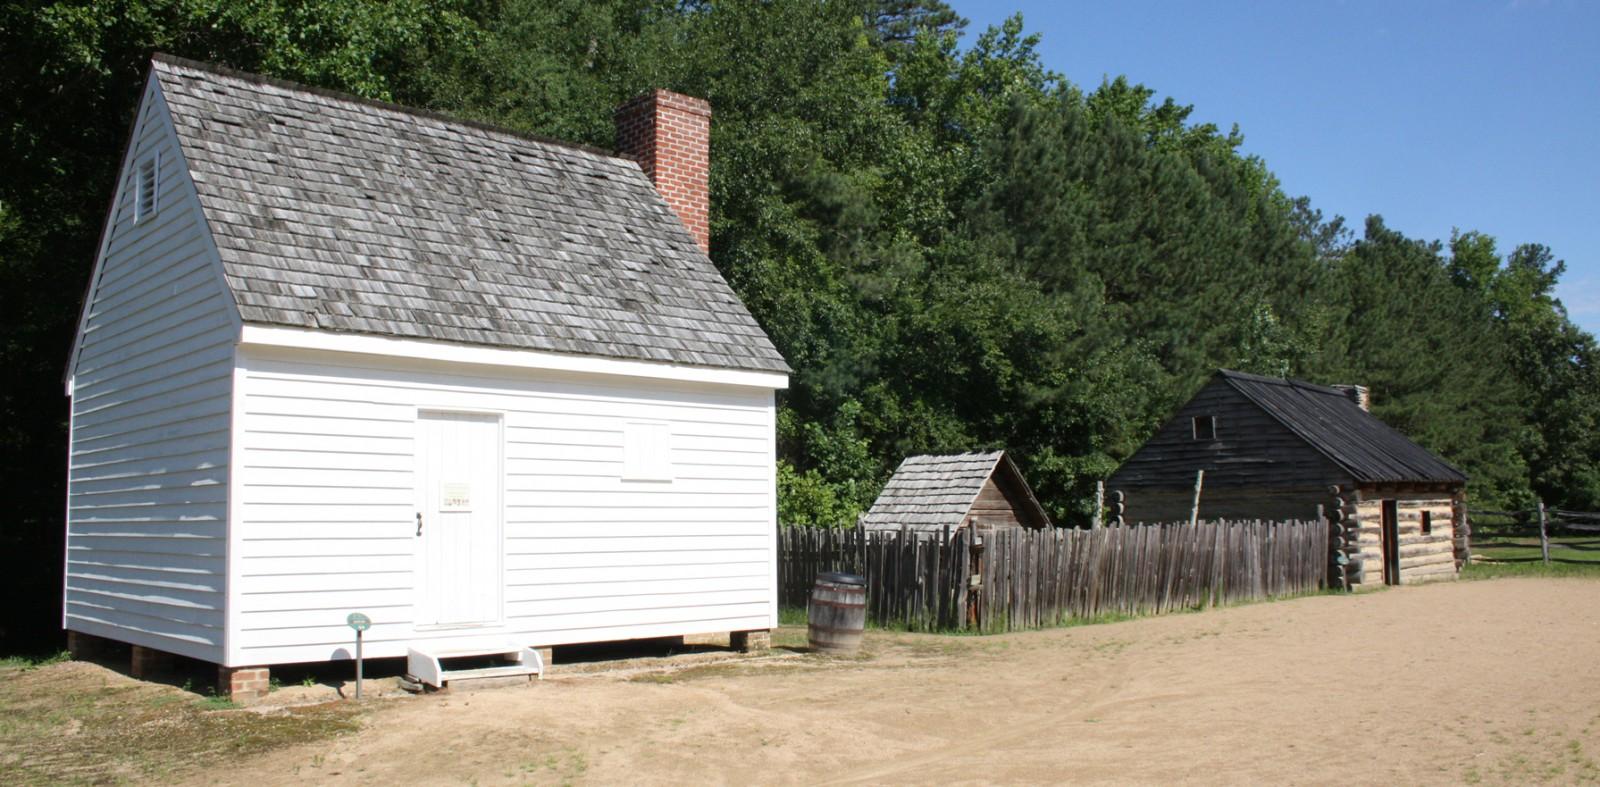 Tudor Hall Field Quarter